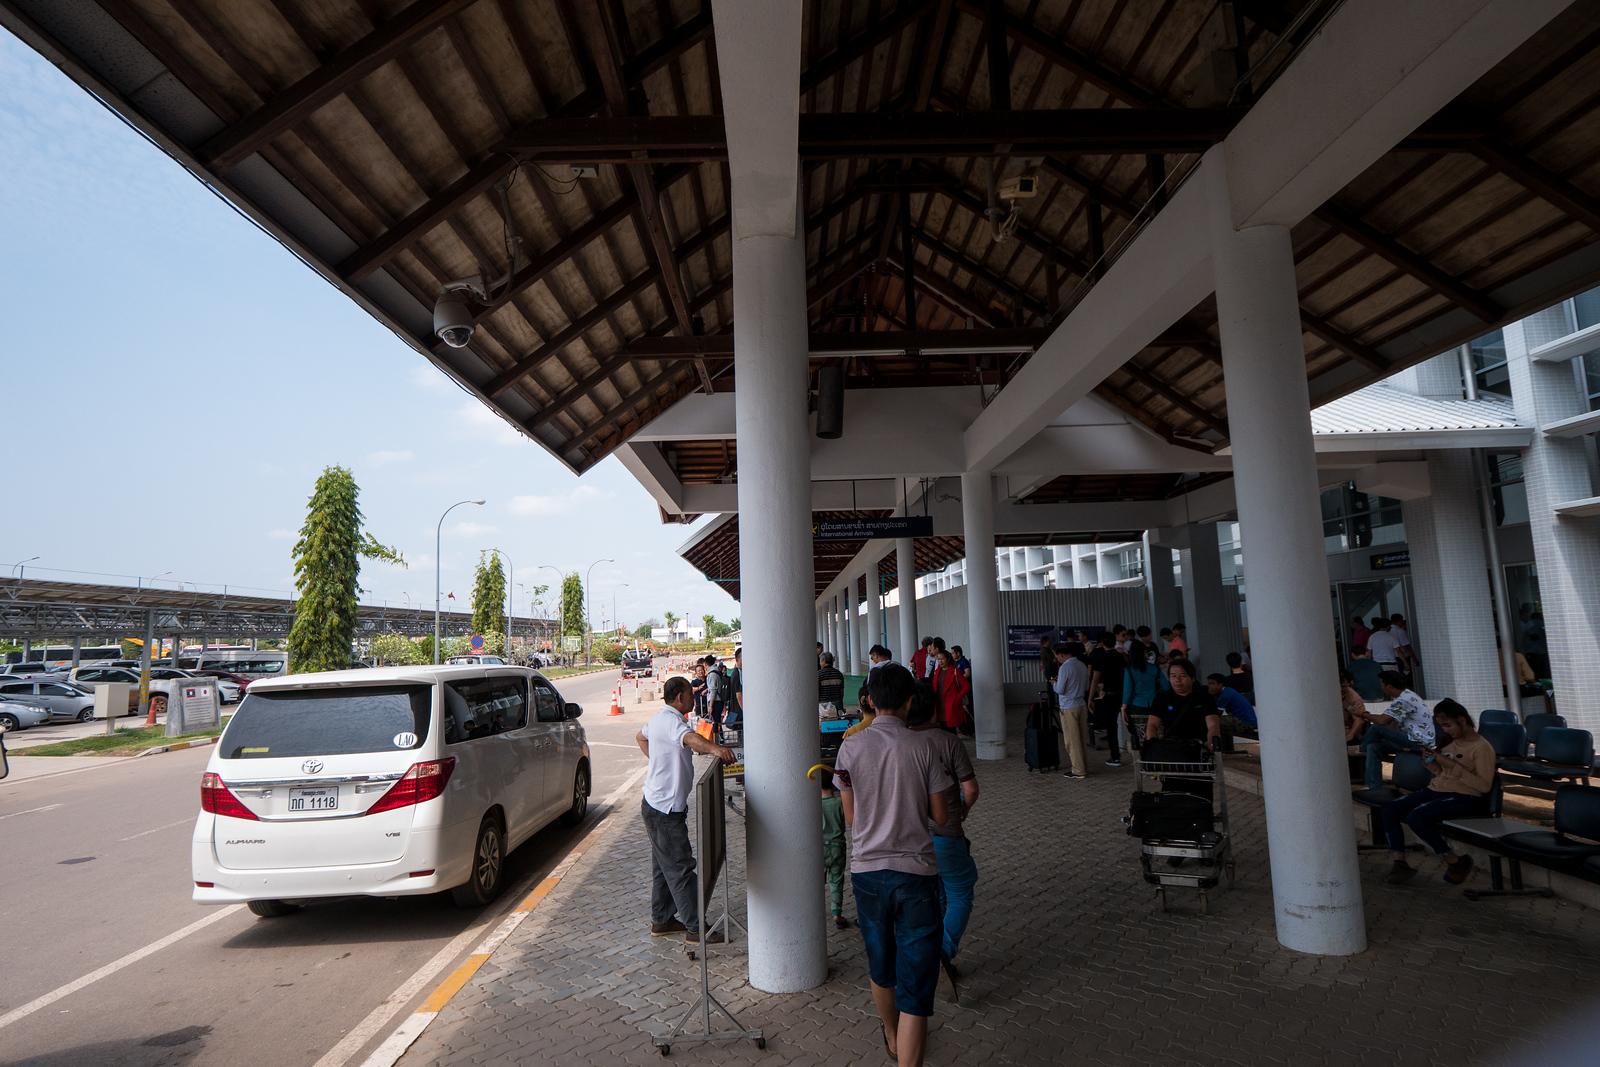 Vientiane aiport